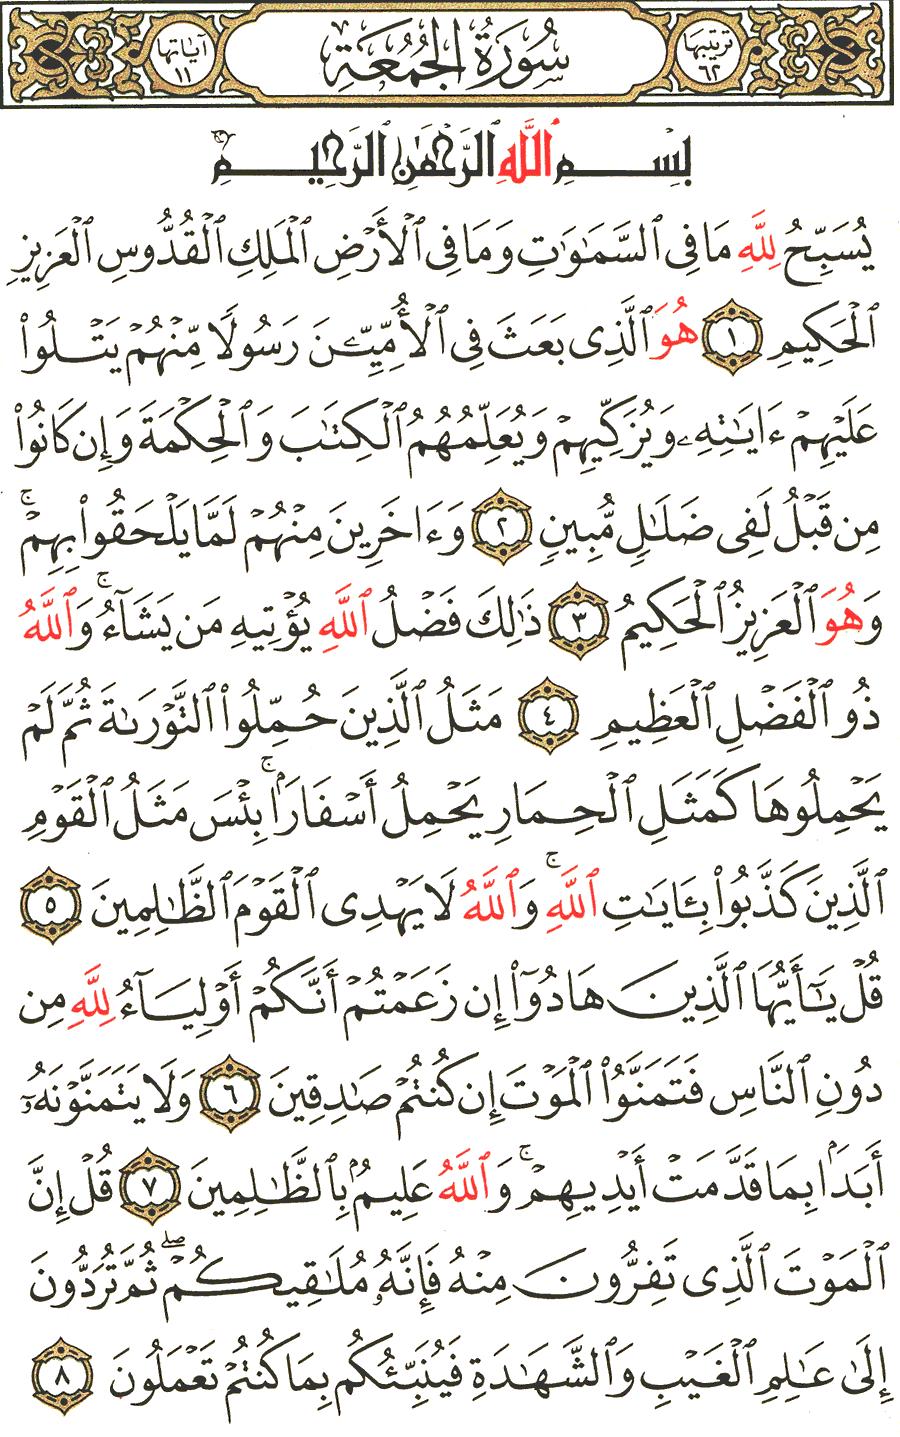 الصفحة رقم 553 من القرآن الكريم مكتوبة من المصحف